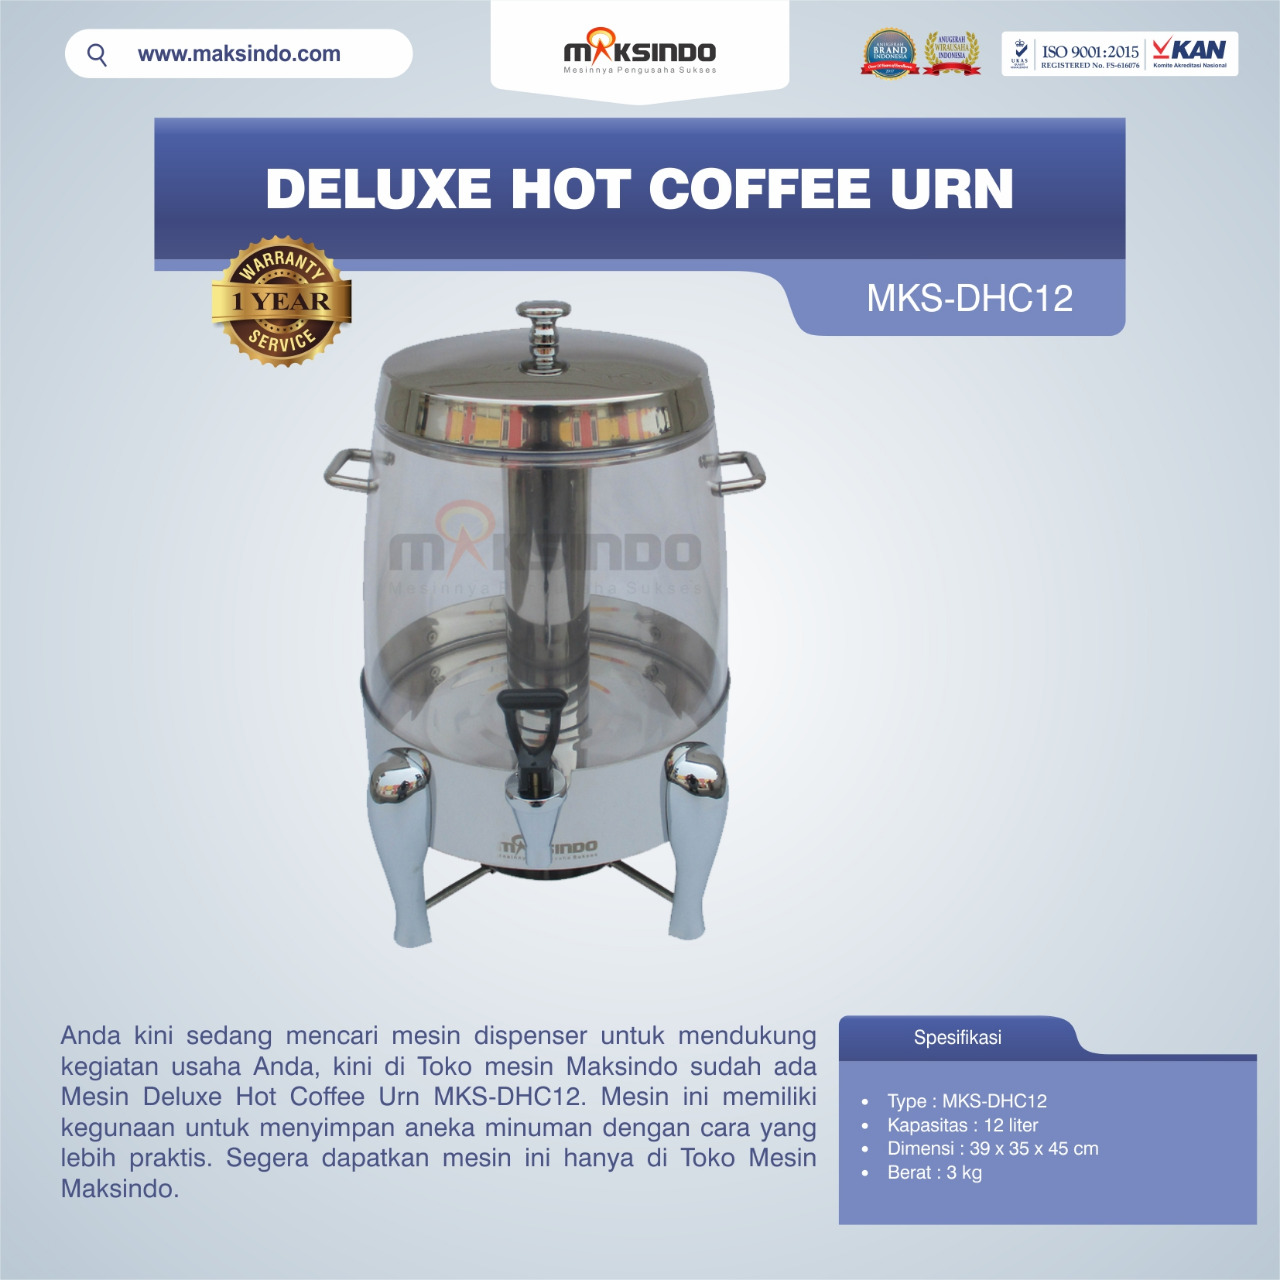 Jual Deluxe Hot Coffee Urn MKS-DHC12 di Palembang